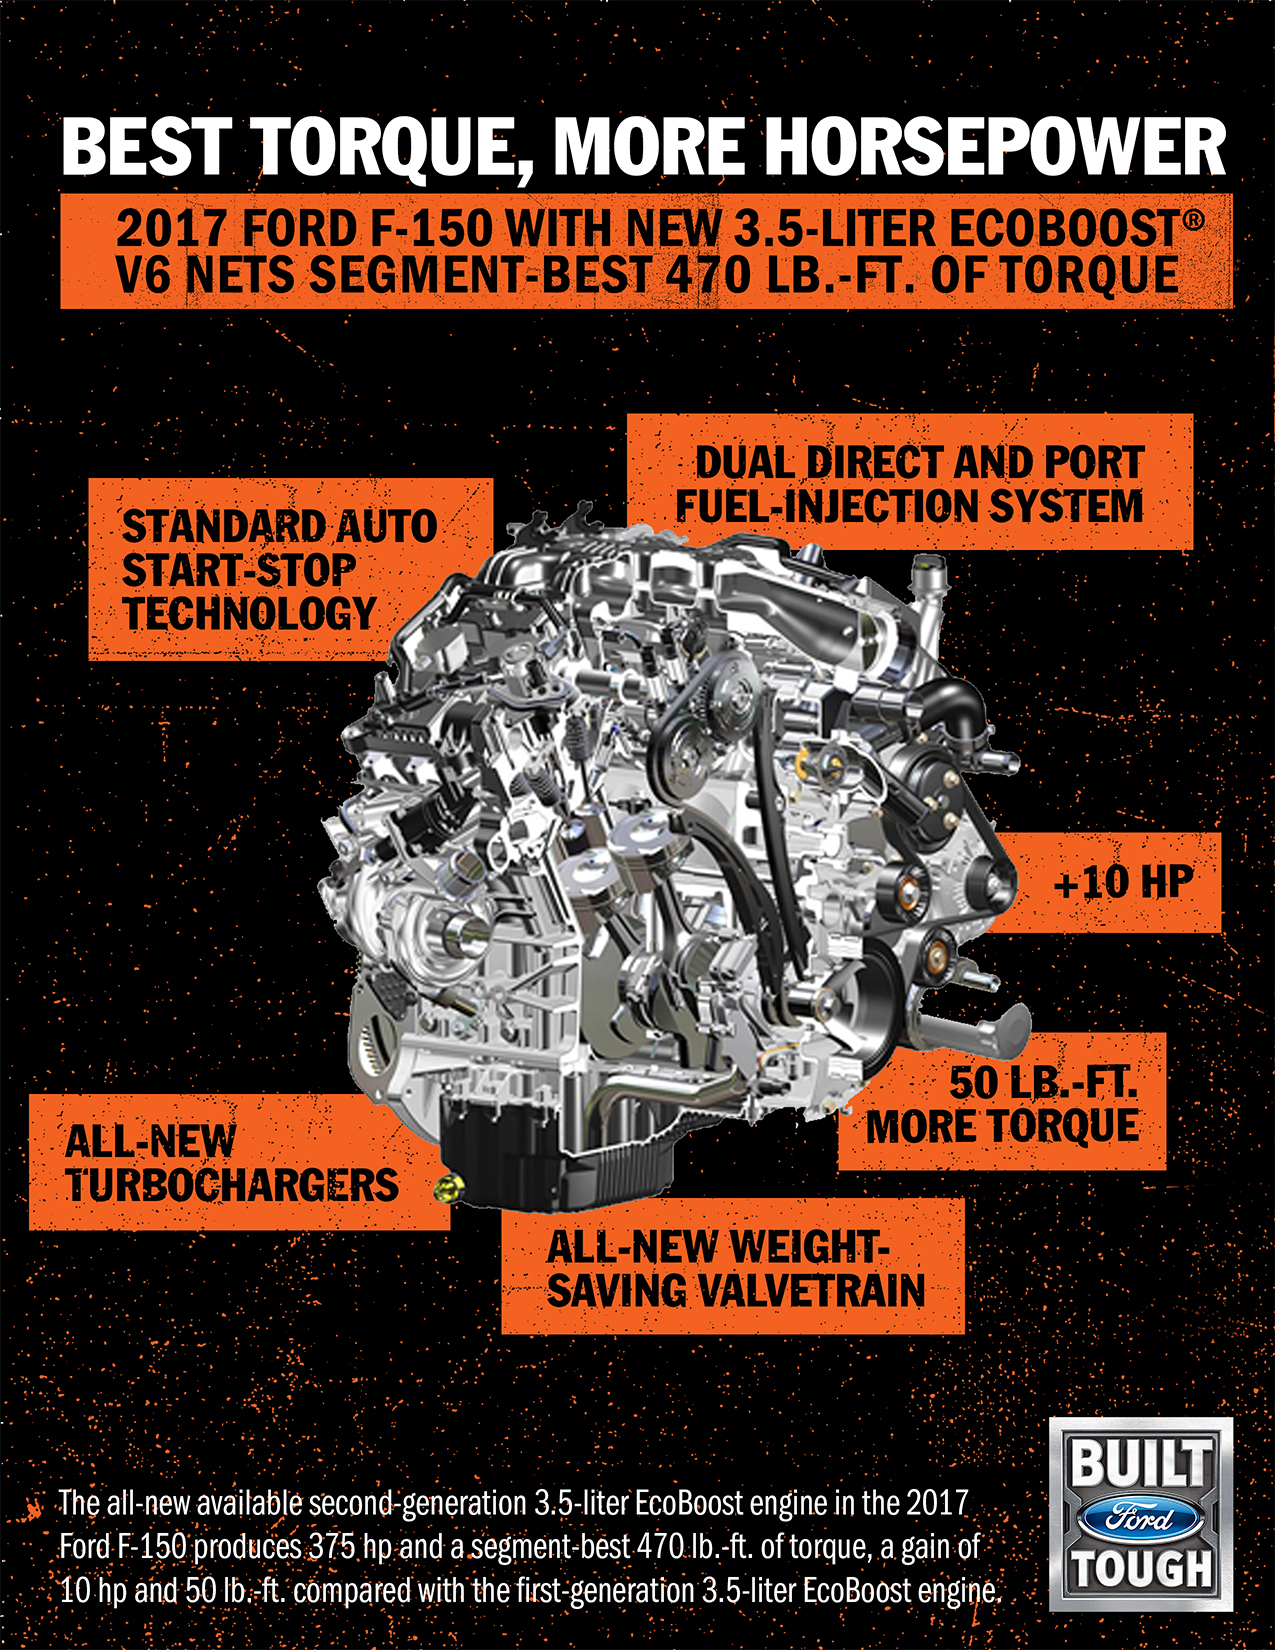 Ford 3.5-liter EcoBoost V6 engine image